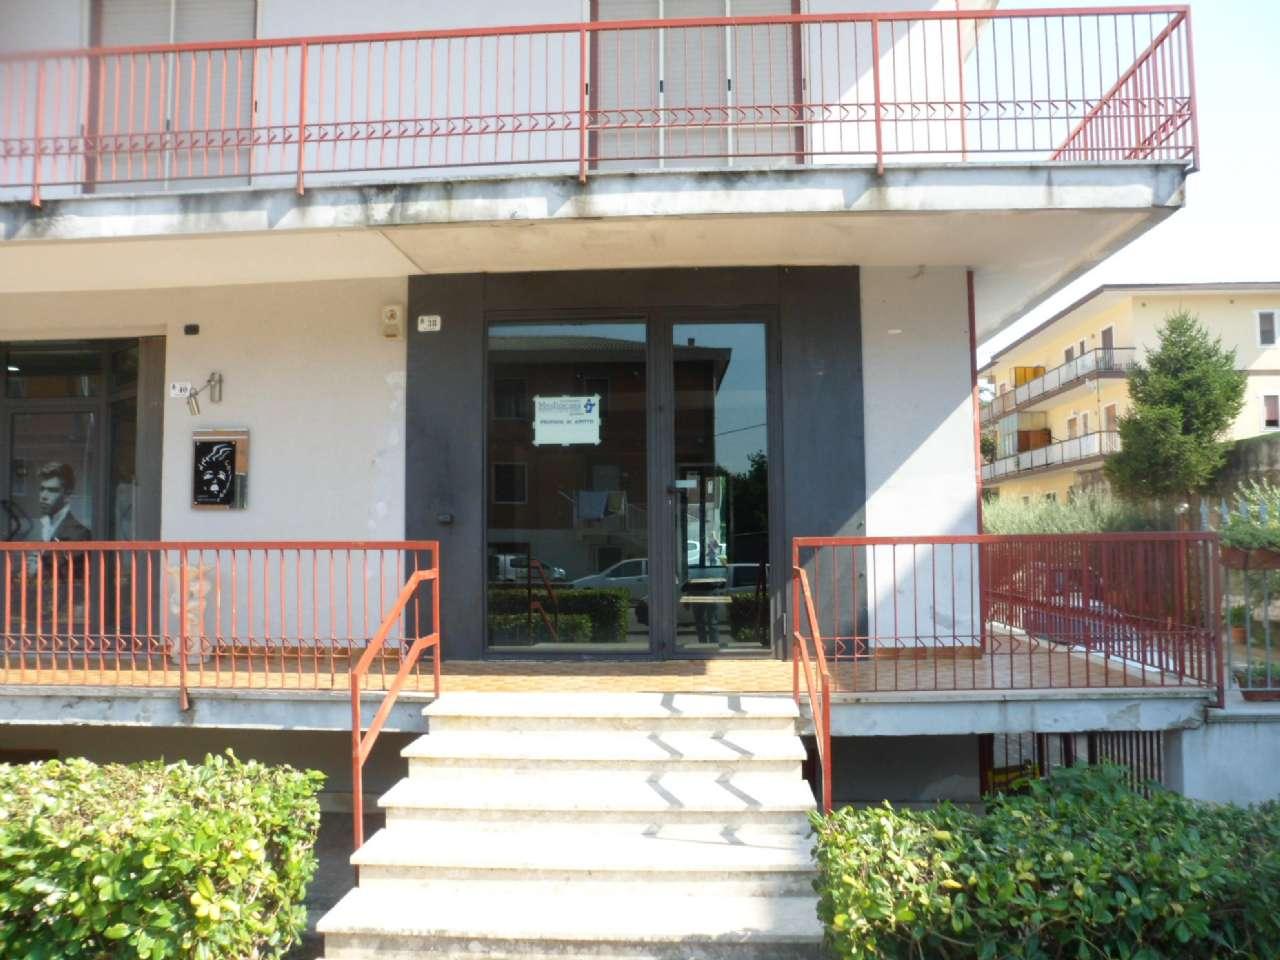 Negozio / Locale in affitto a Airola, 1 locali, prezzo € 400 | CambioCasa.it